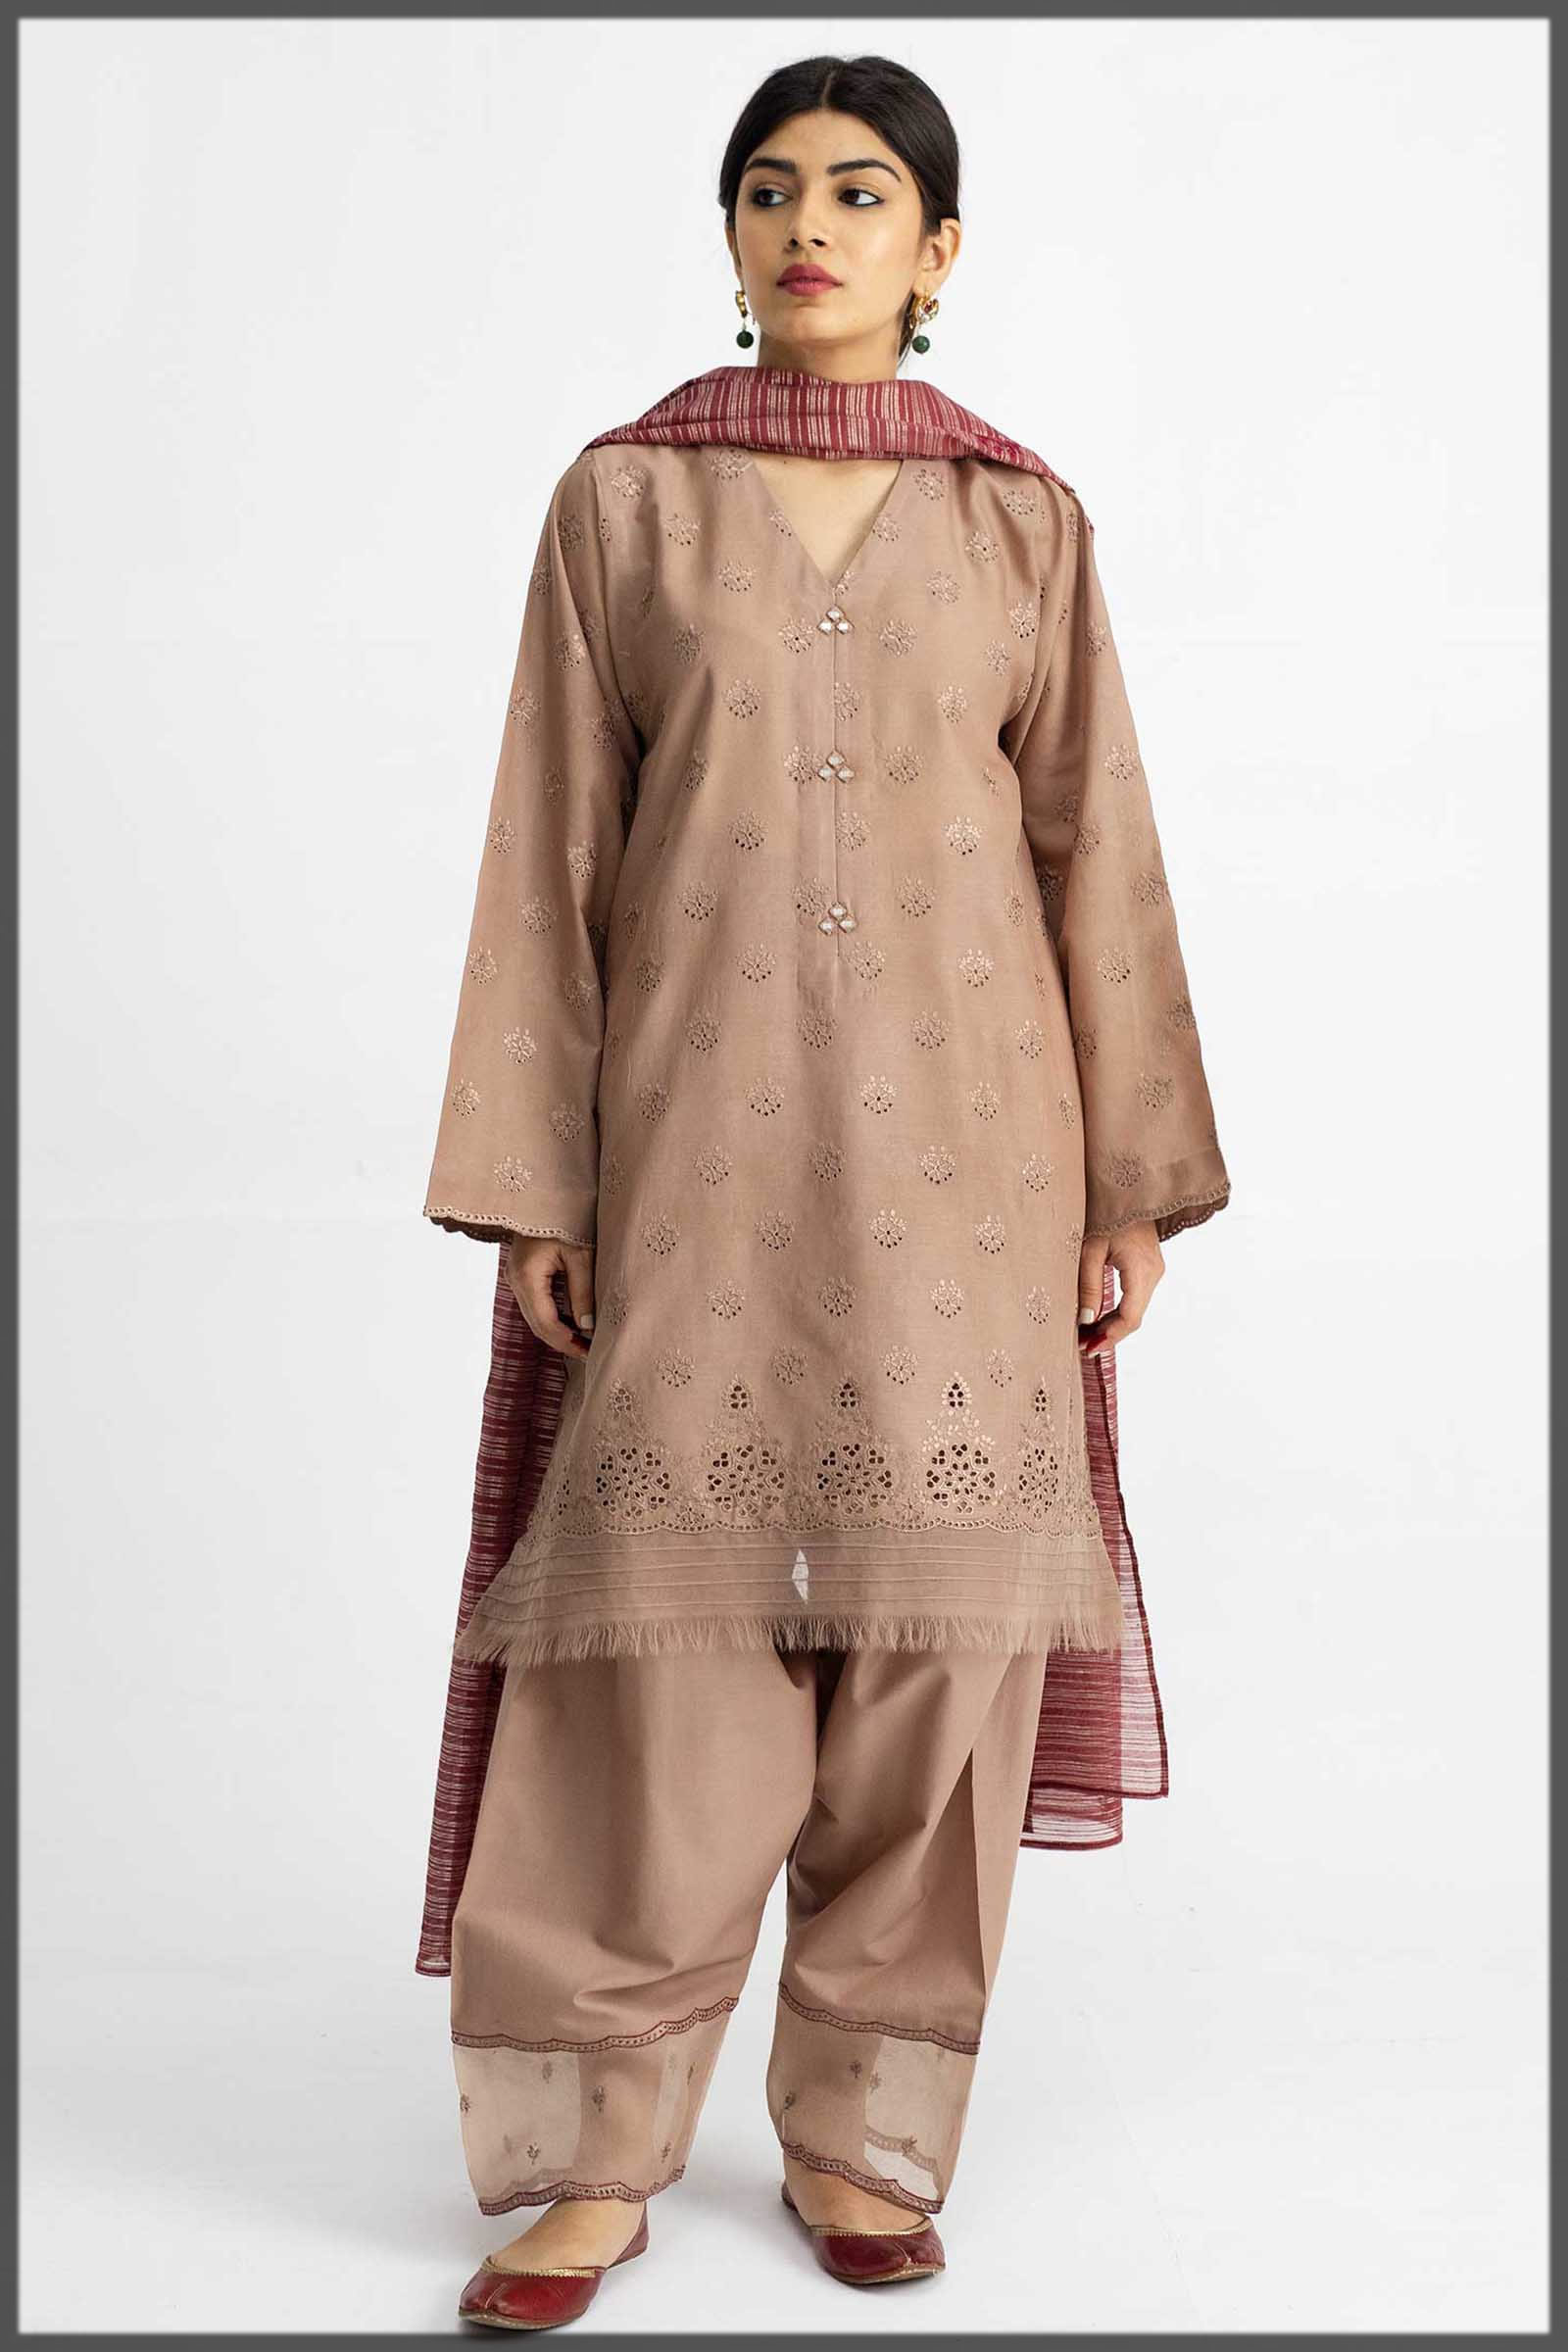 almond brown lawn dress